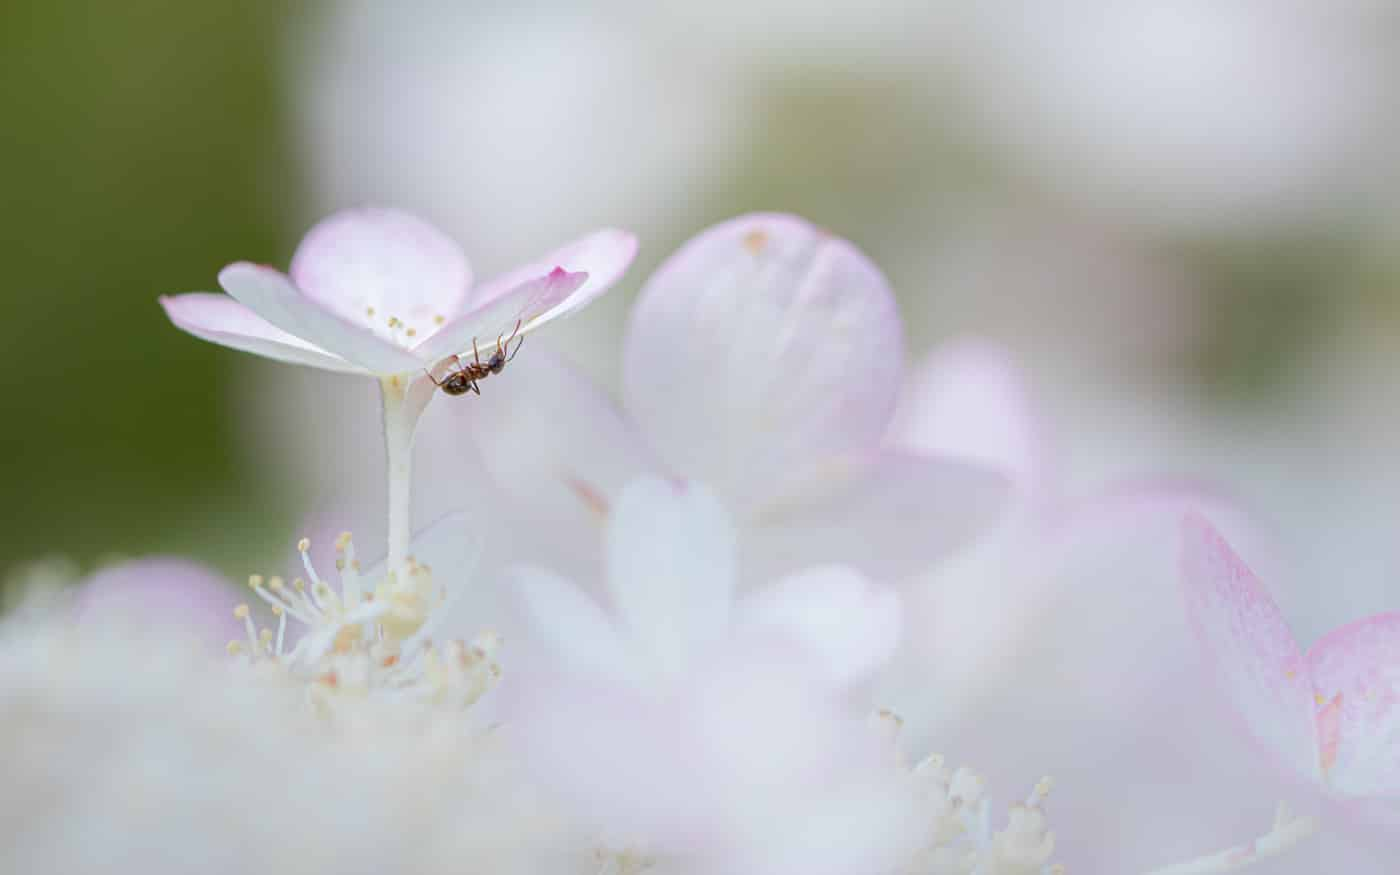 Ant | © Irmgard Crispin